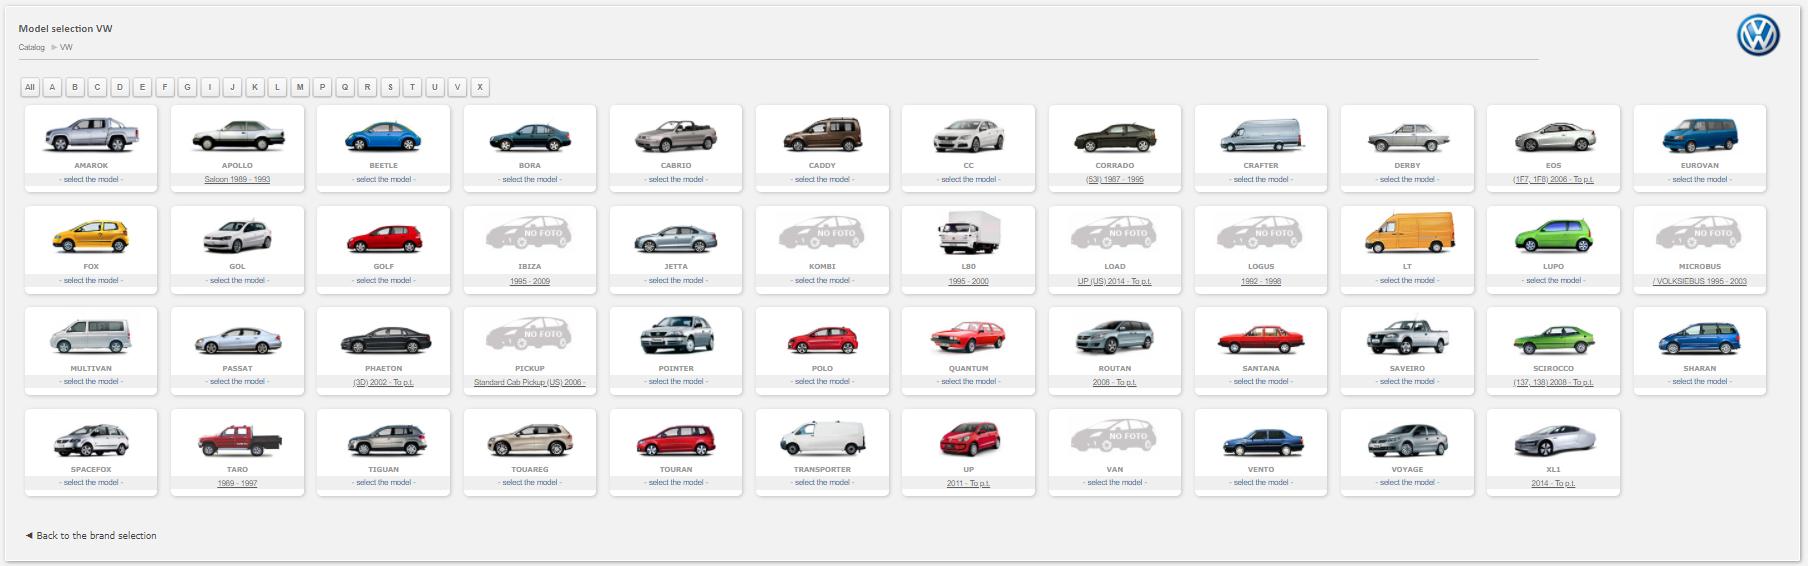 VW Auto Spare Parts